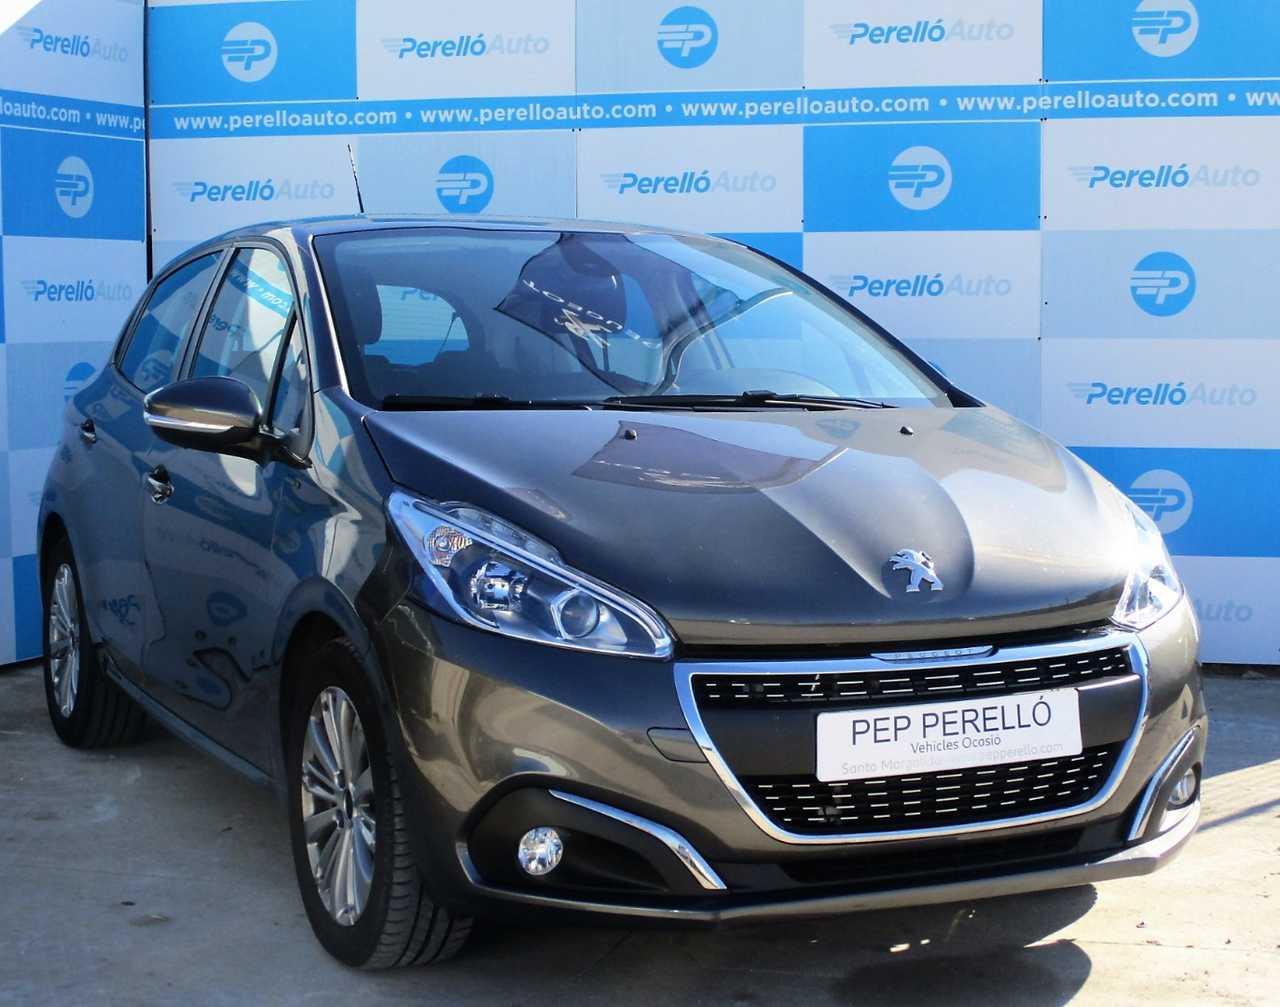 Peugeot 208 Gasolina en Santa Margalida